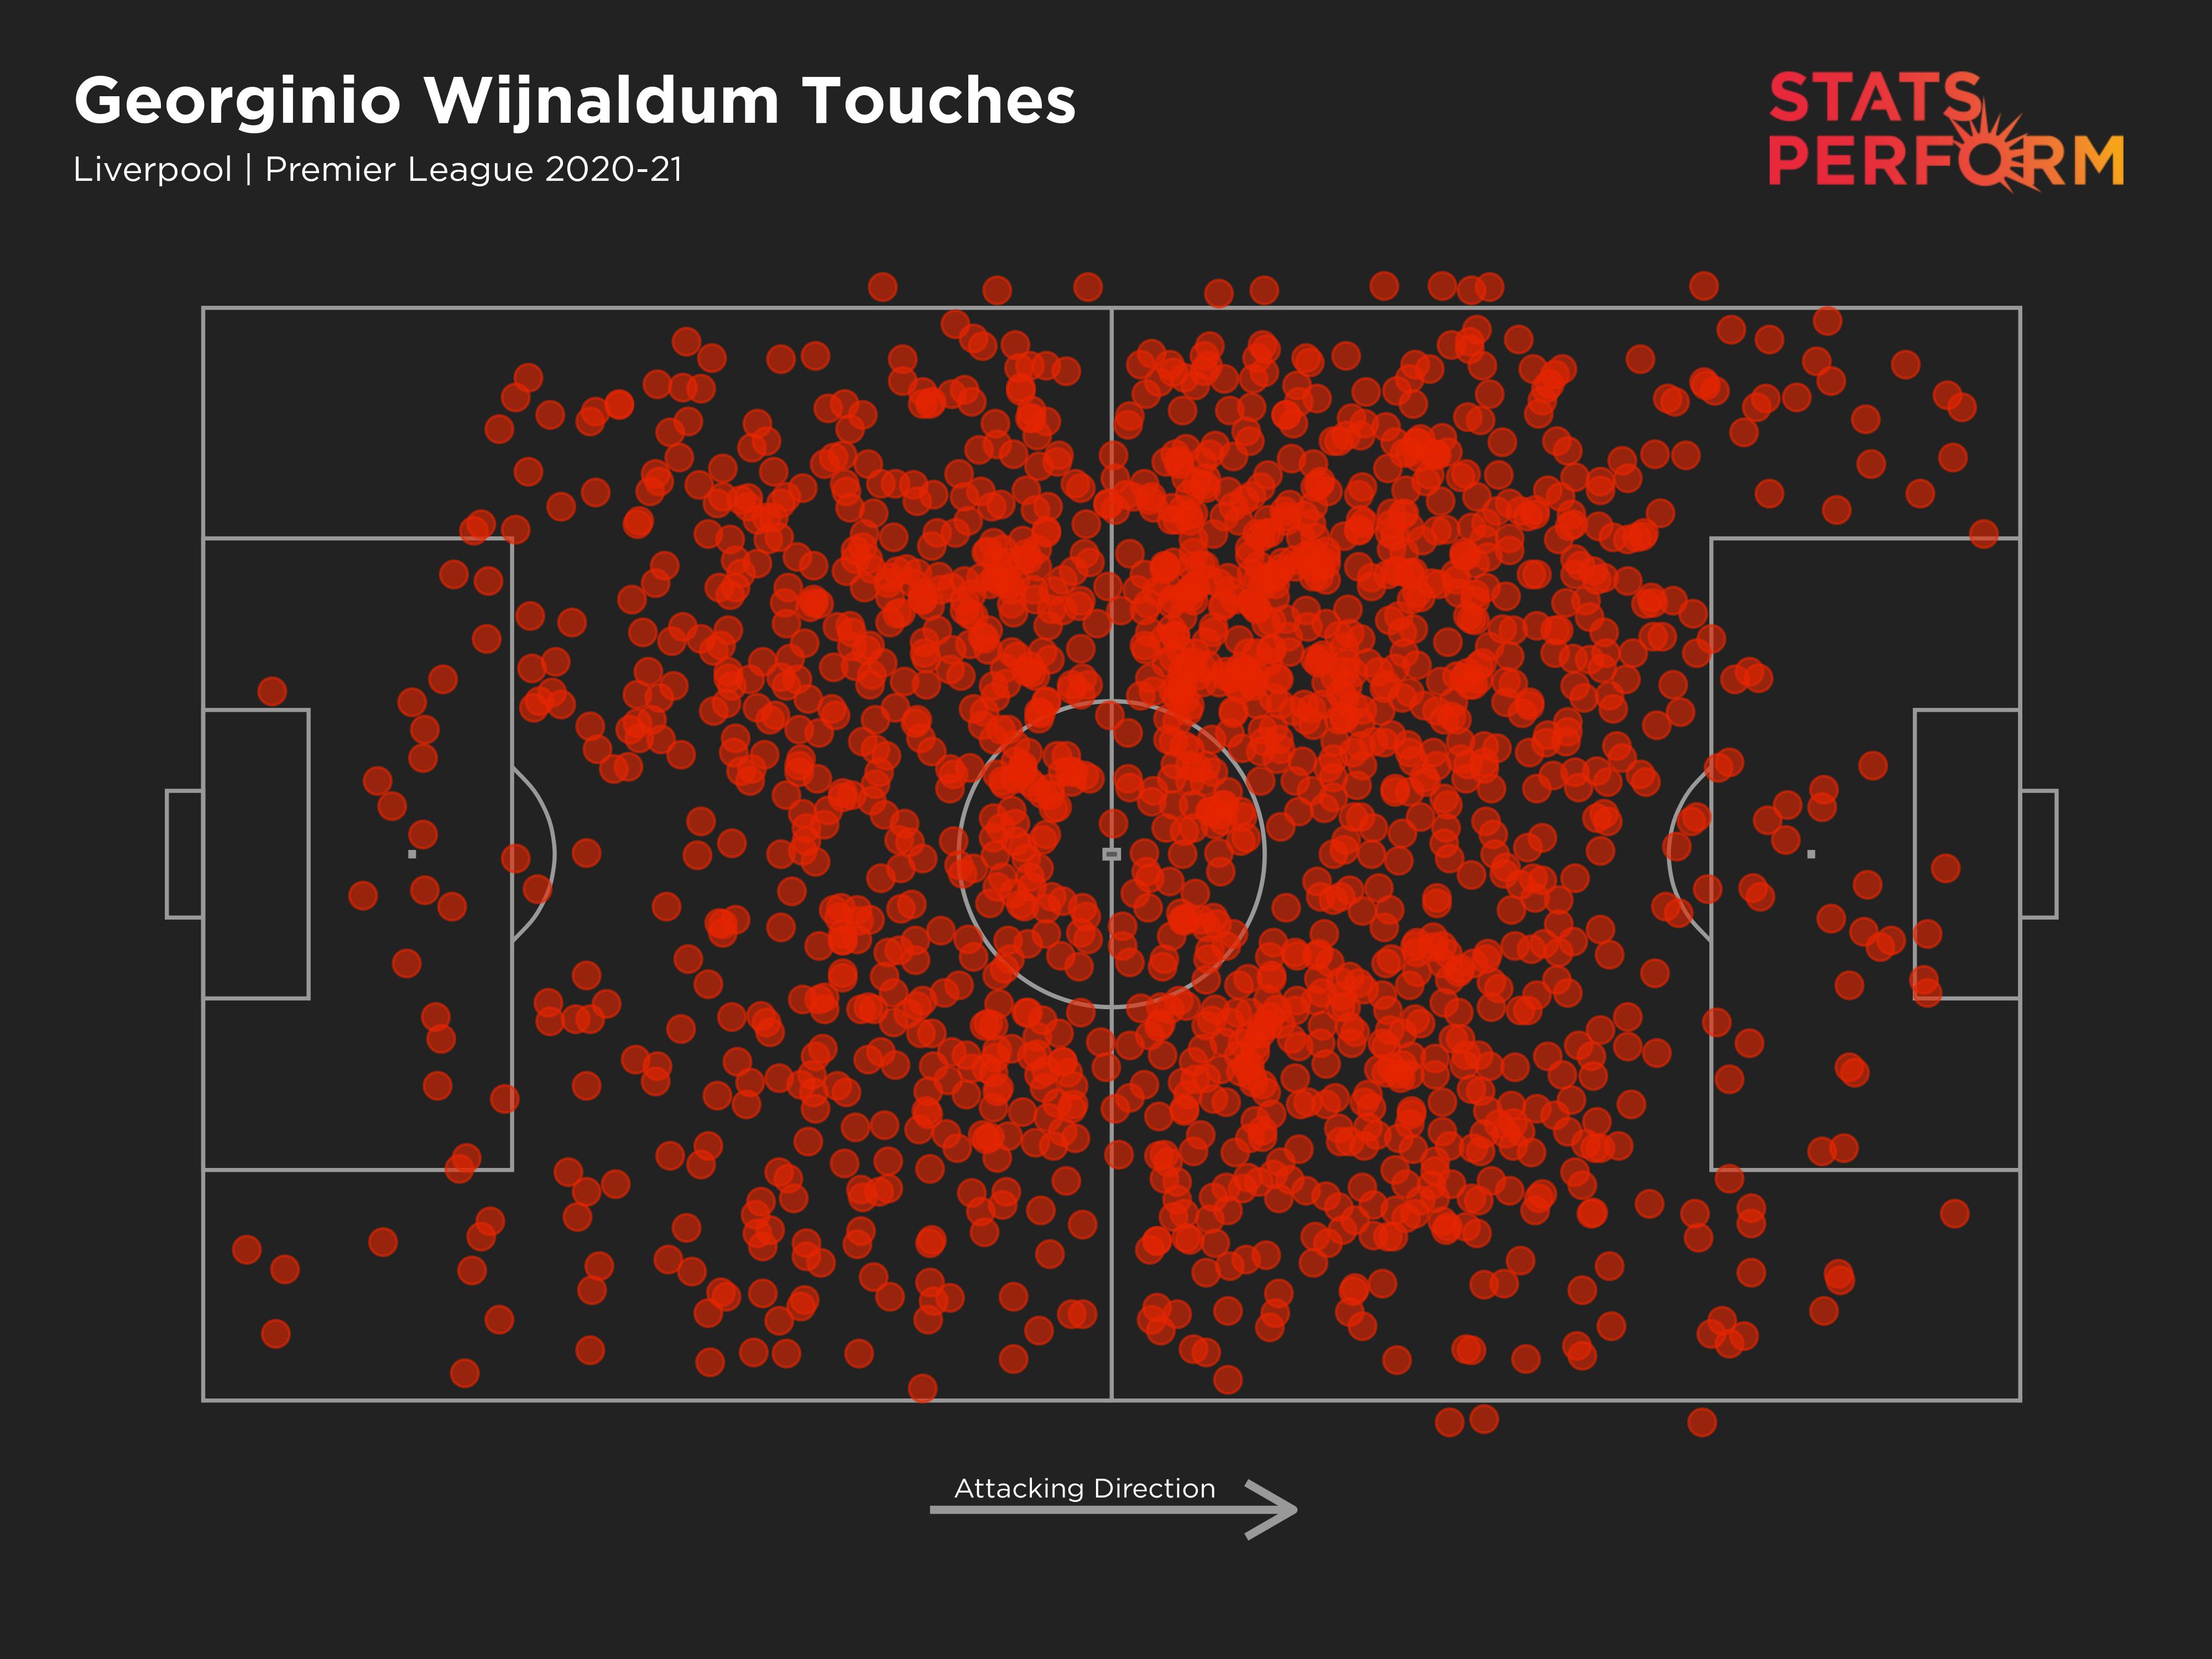 Georginio Wijnaldum touch map